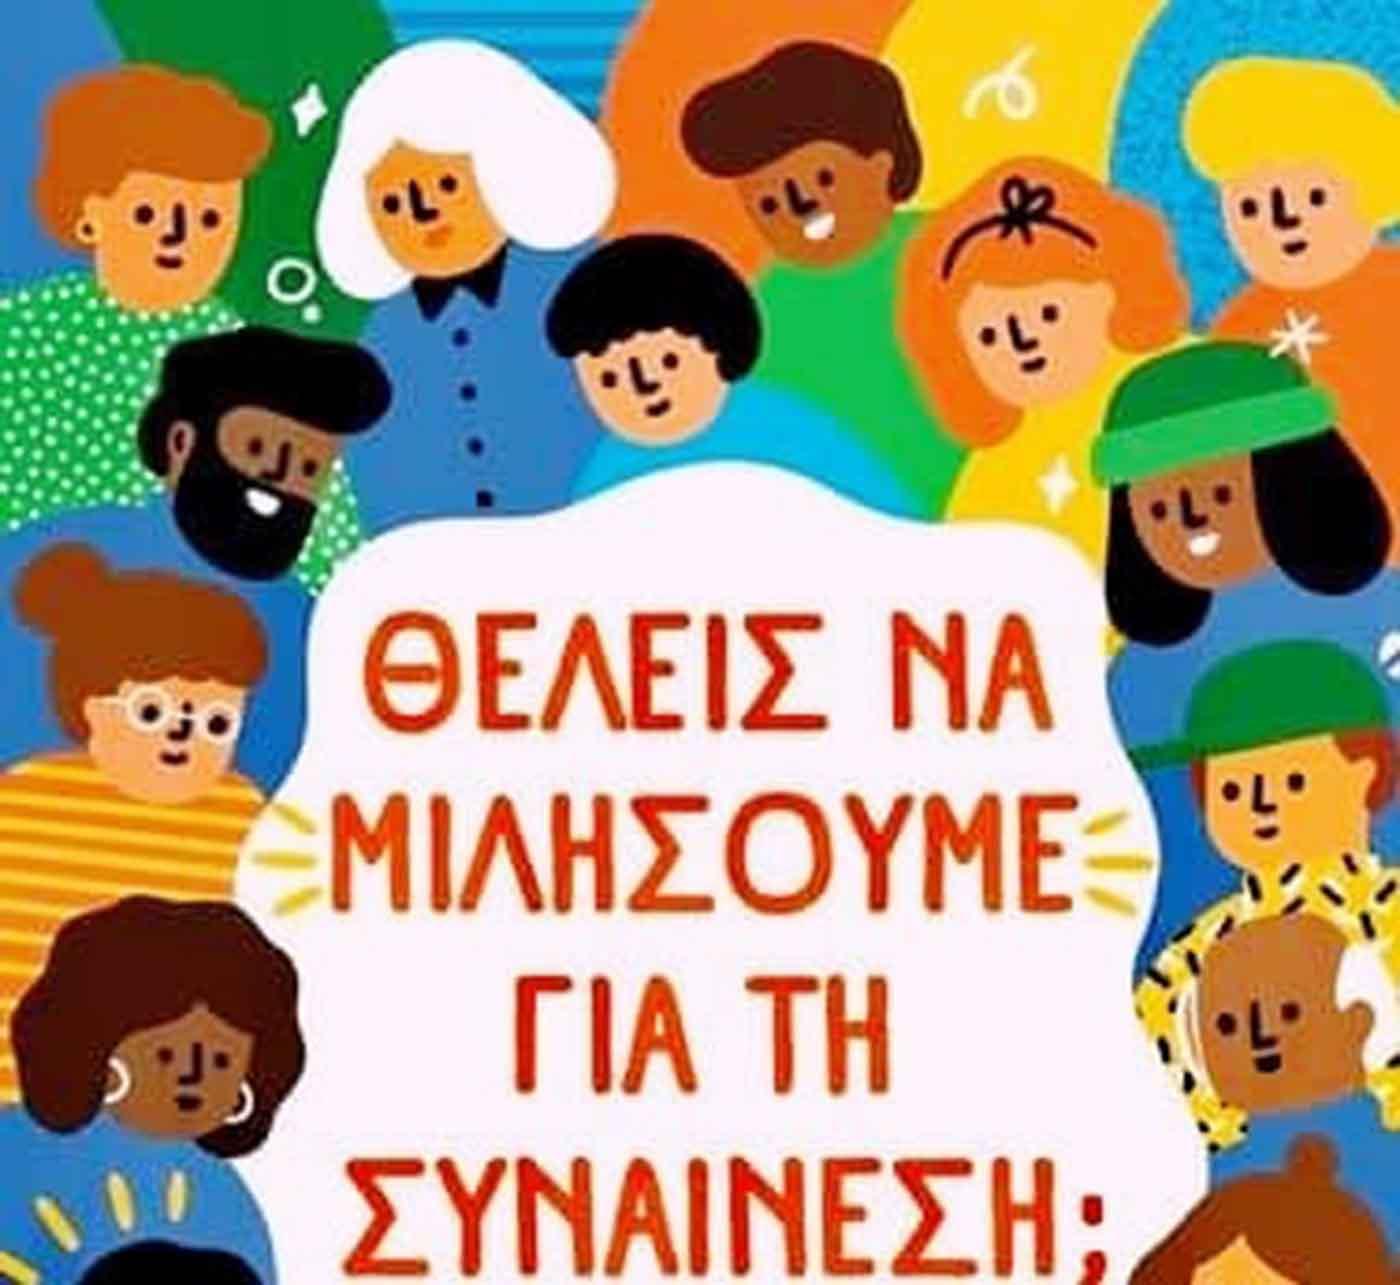 Θέλεις Να Μιλήσουμε Για τη Συναίνεση; Επιλογές Ως το Άπειρο Βιβλιοπρόταση του Little Book – Thisisus.gr